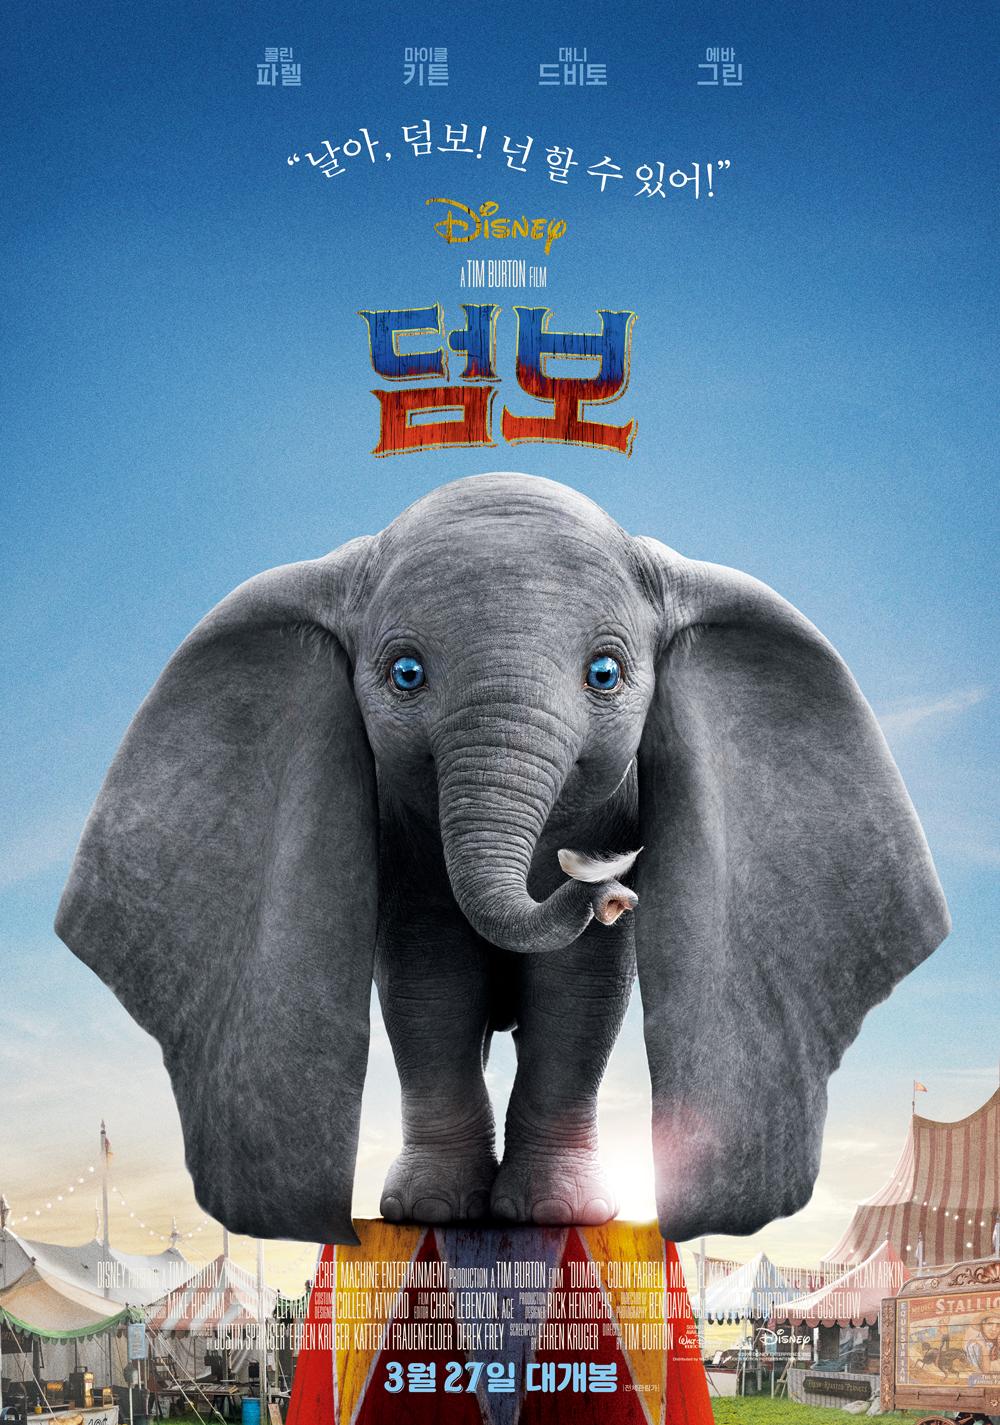 덤보 (Dumbo, 2019) (우리말더빙)